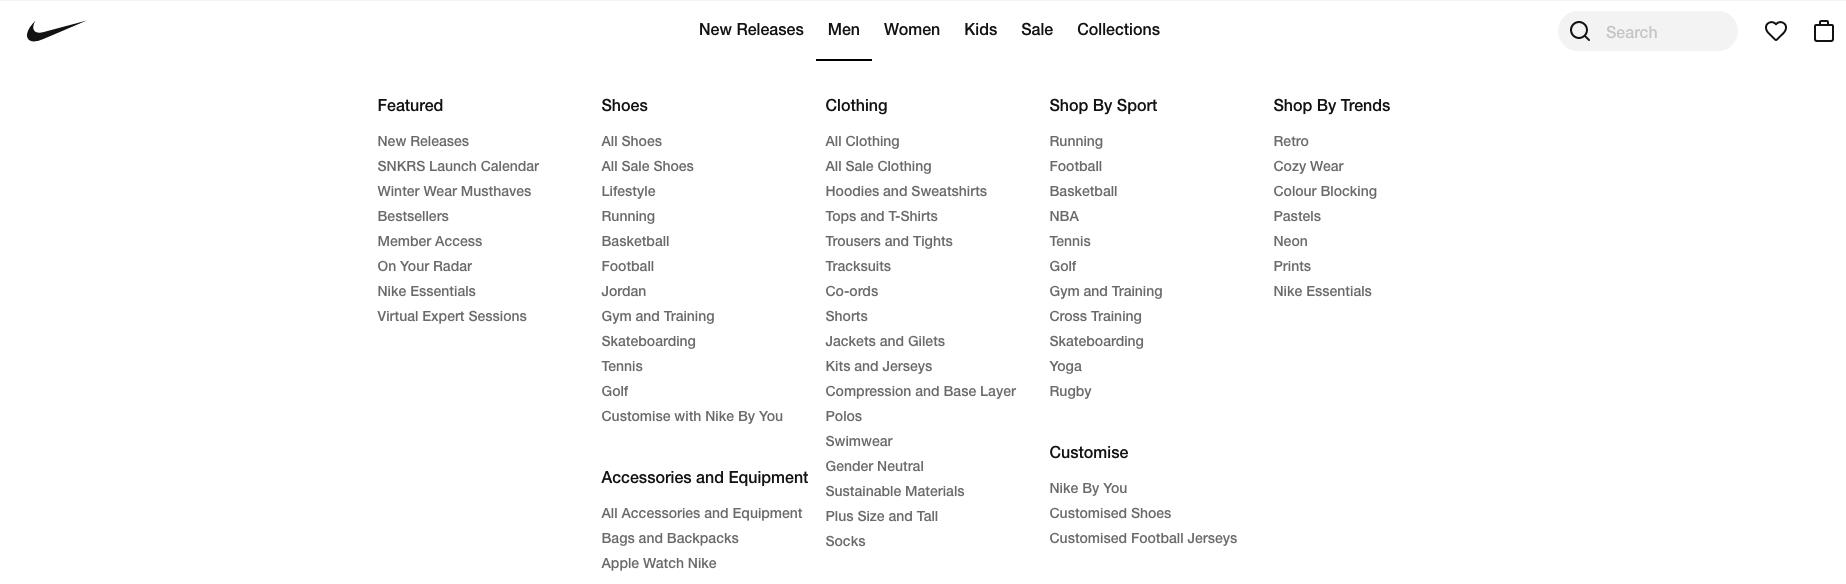 Nike Categories